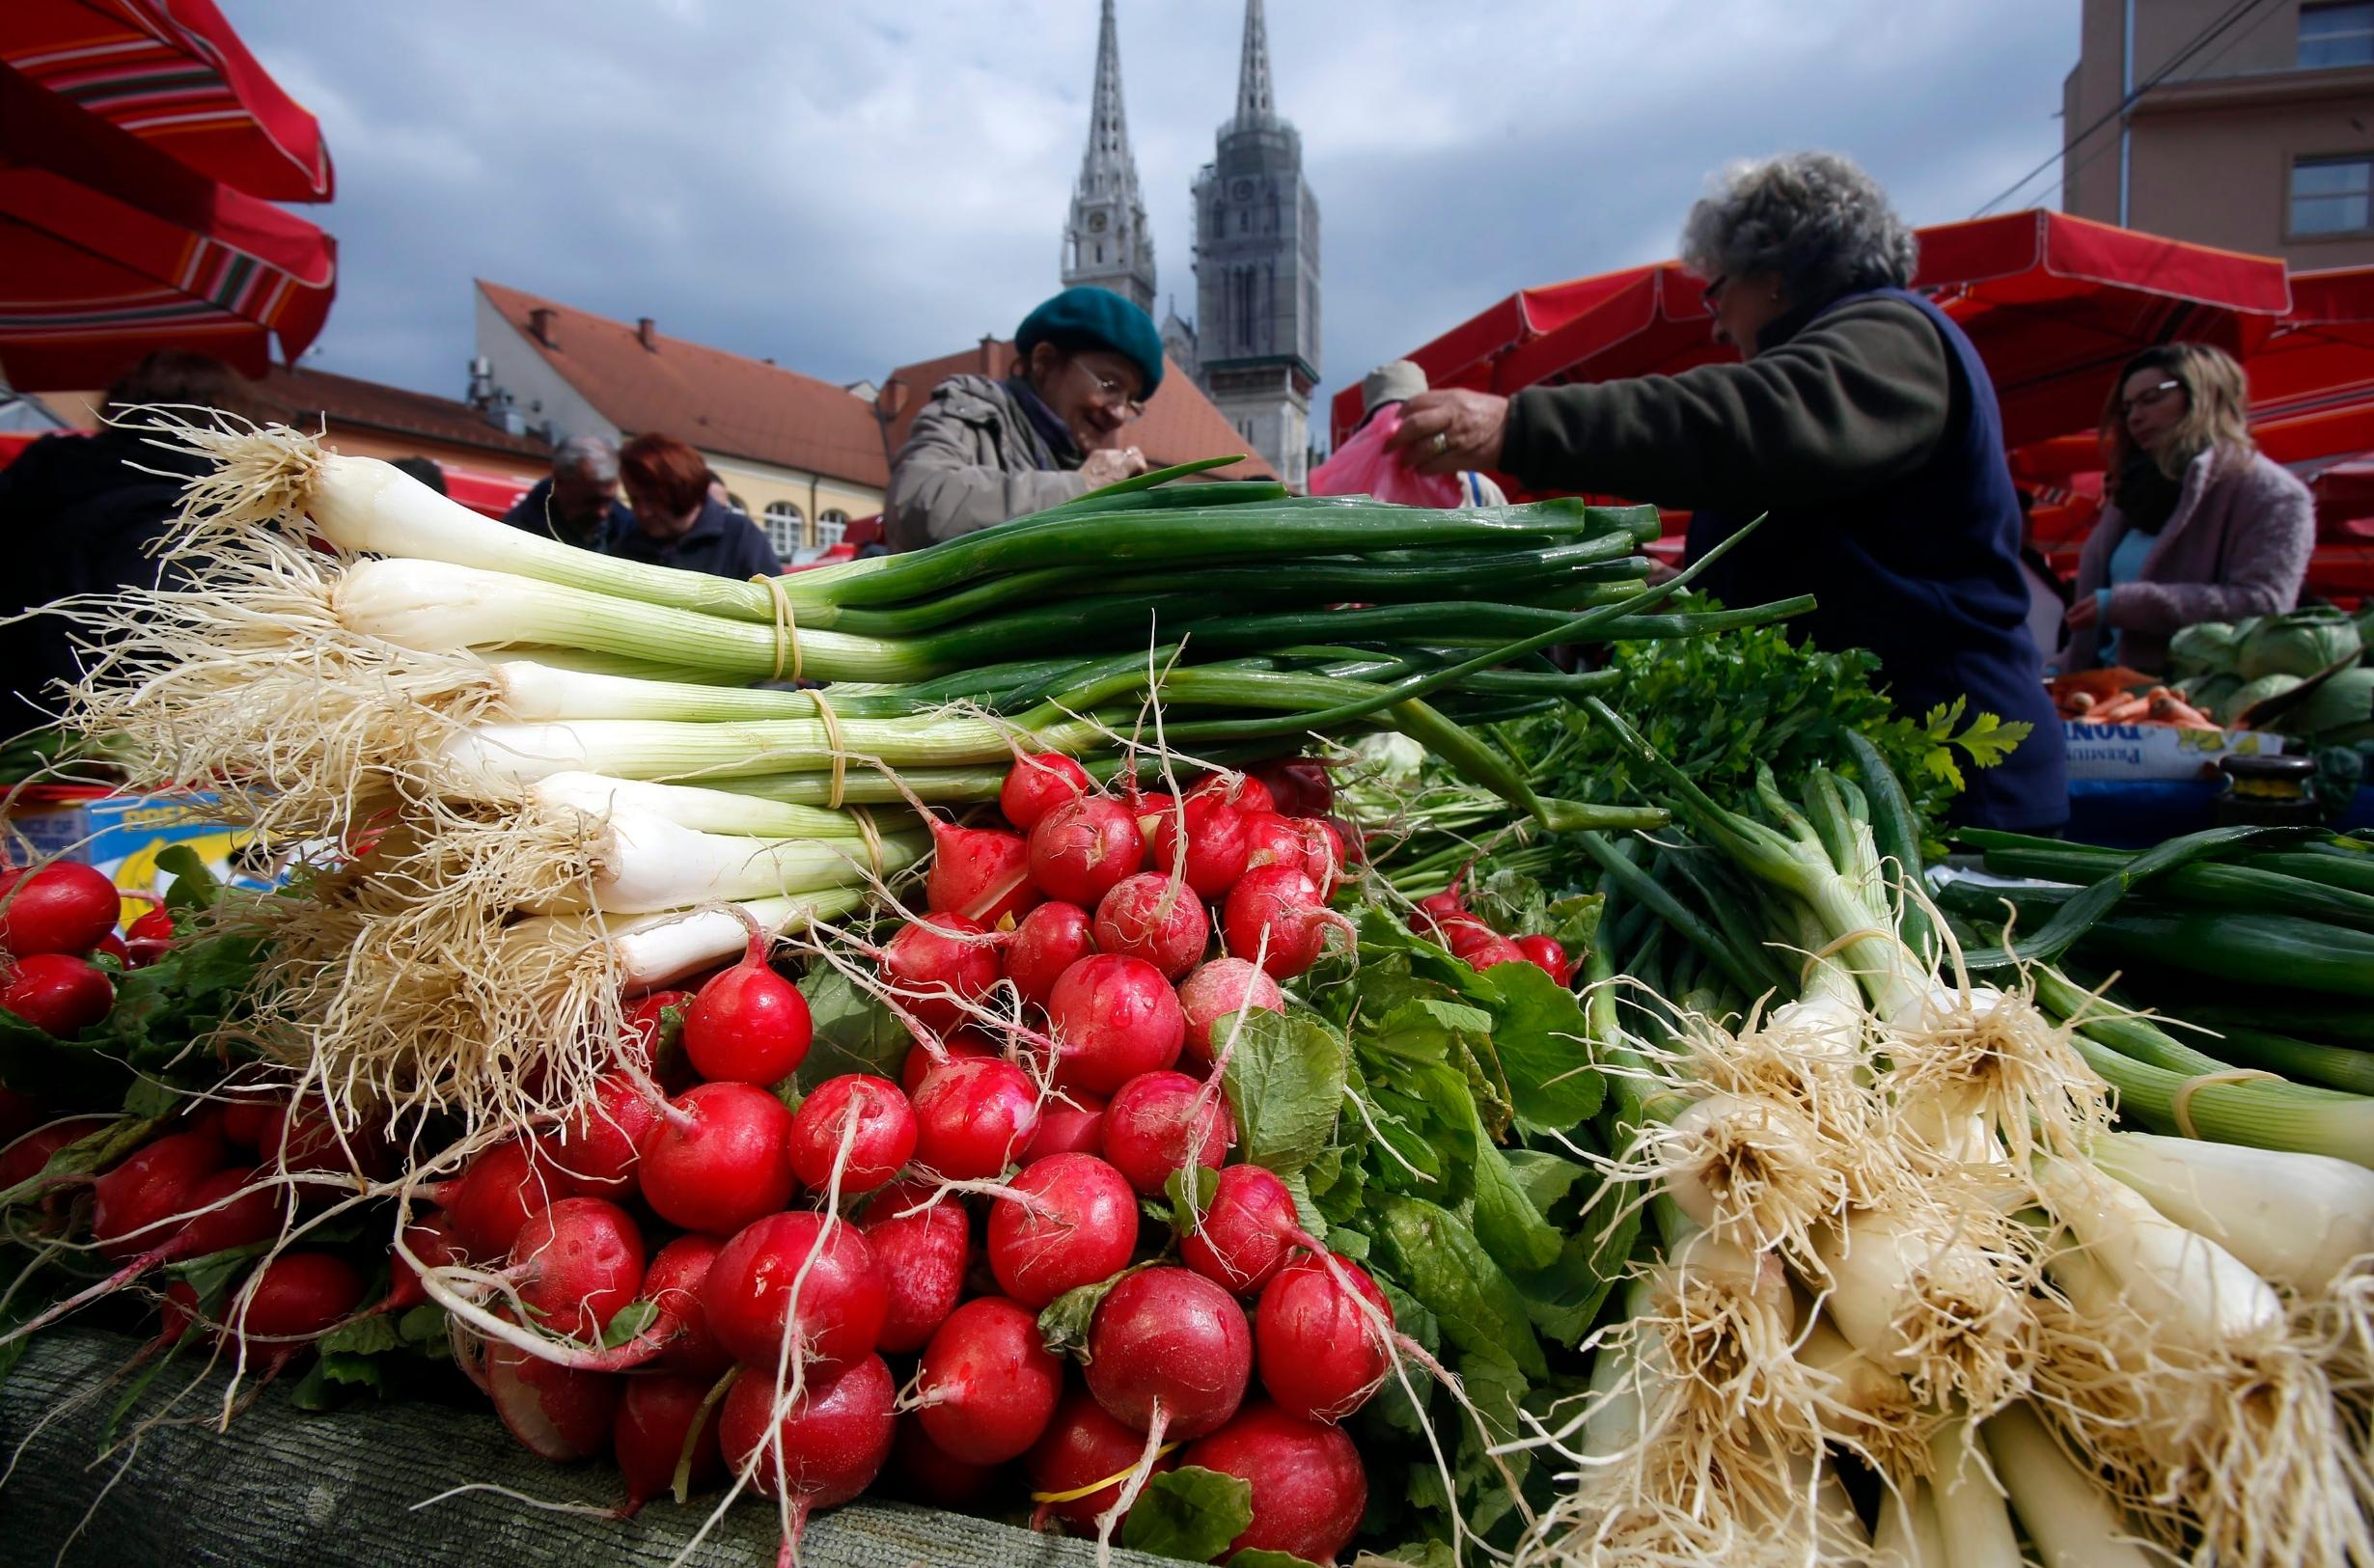 U Hrvatskoj je u lipnju 2019. prihvaćen Plan sprječavanja i smanjenja nastajanja otpada od hrane Republike Hrvatske 2019. – 2022., te se prema tom dokumentu očekuju prve konkretne mjere prema čime će se smanjiti otpad od hrane